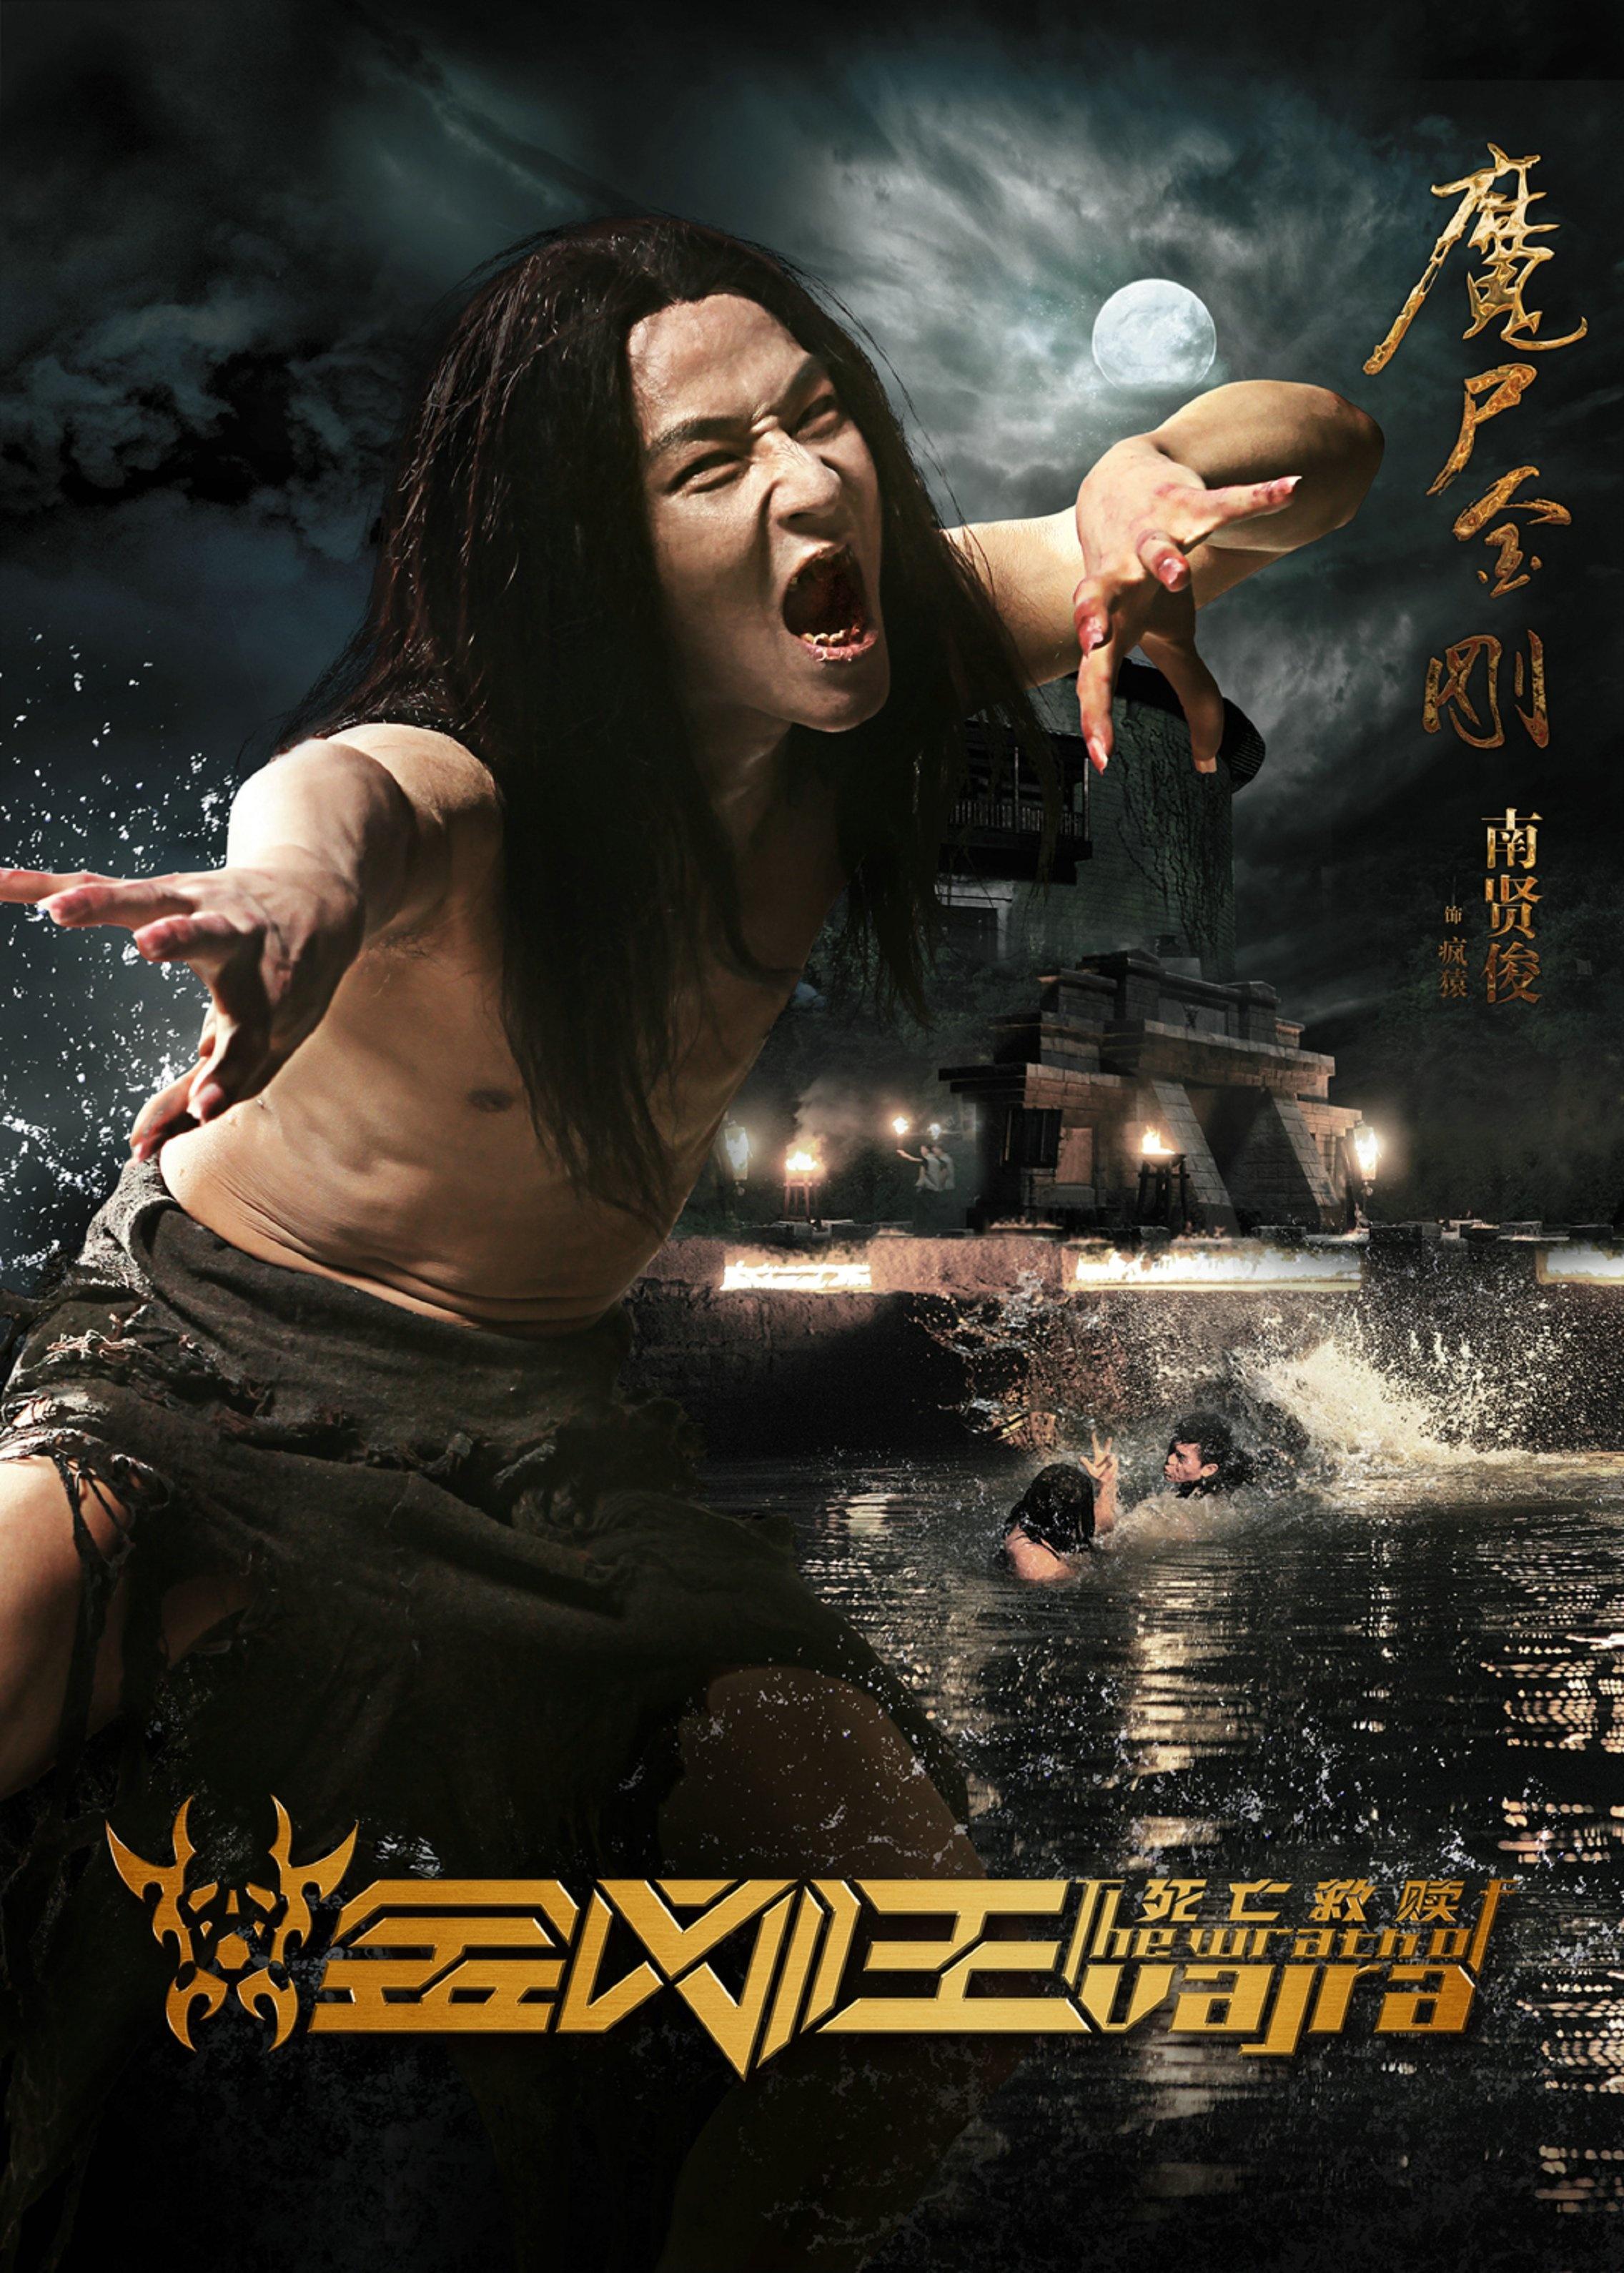 金刚王:死亡救赎_电影海报_图集_电影网_1905.com